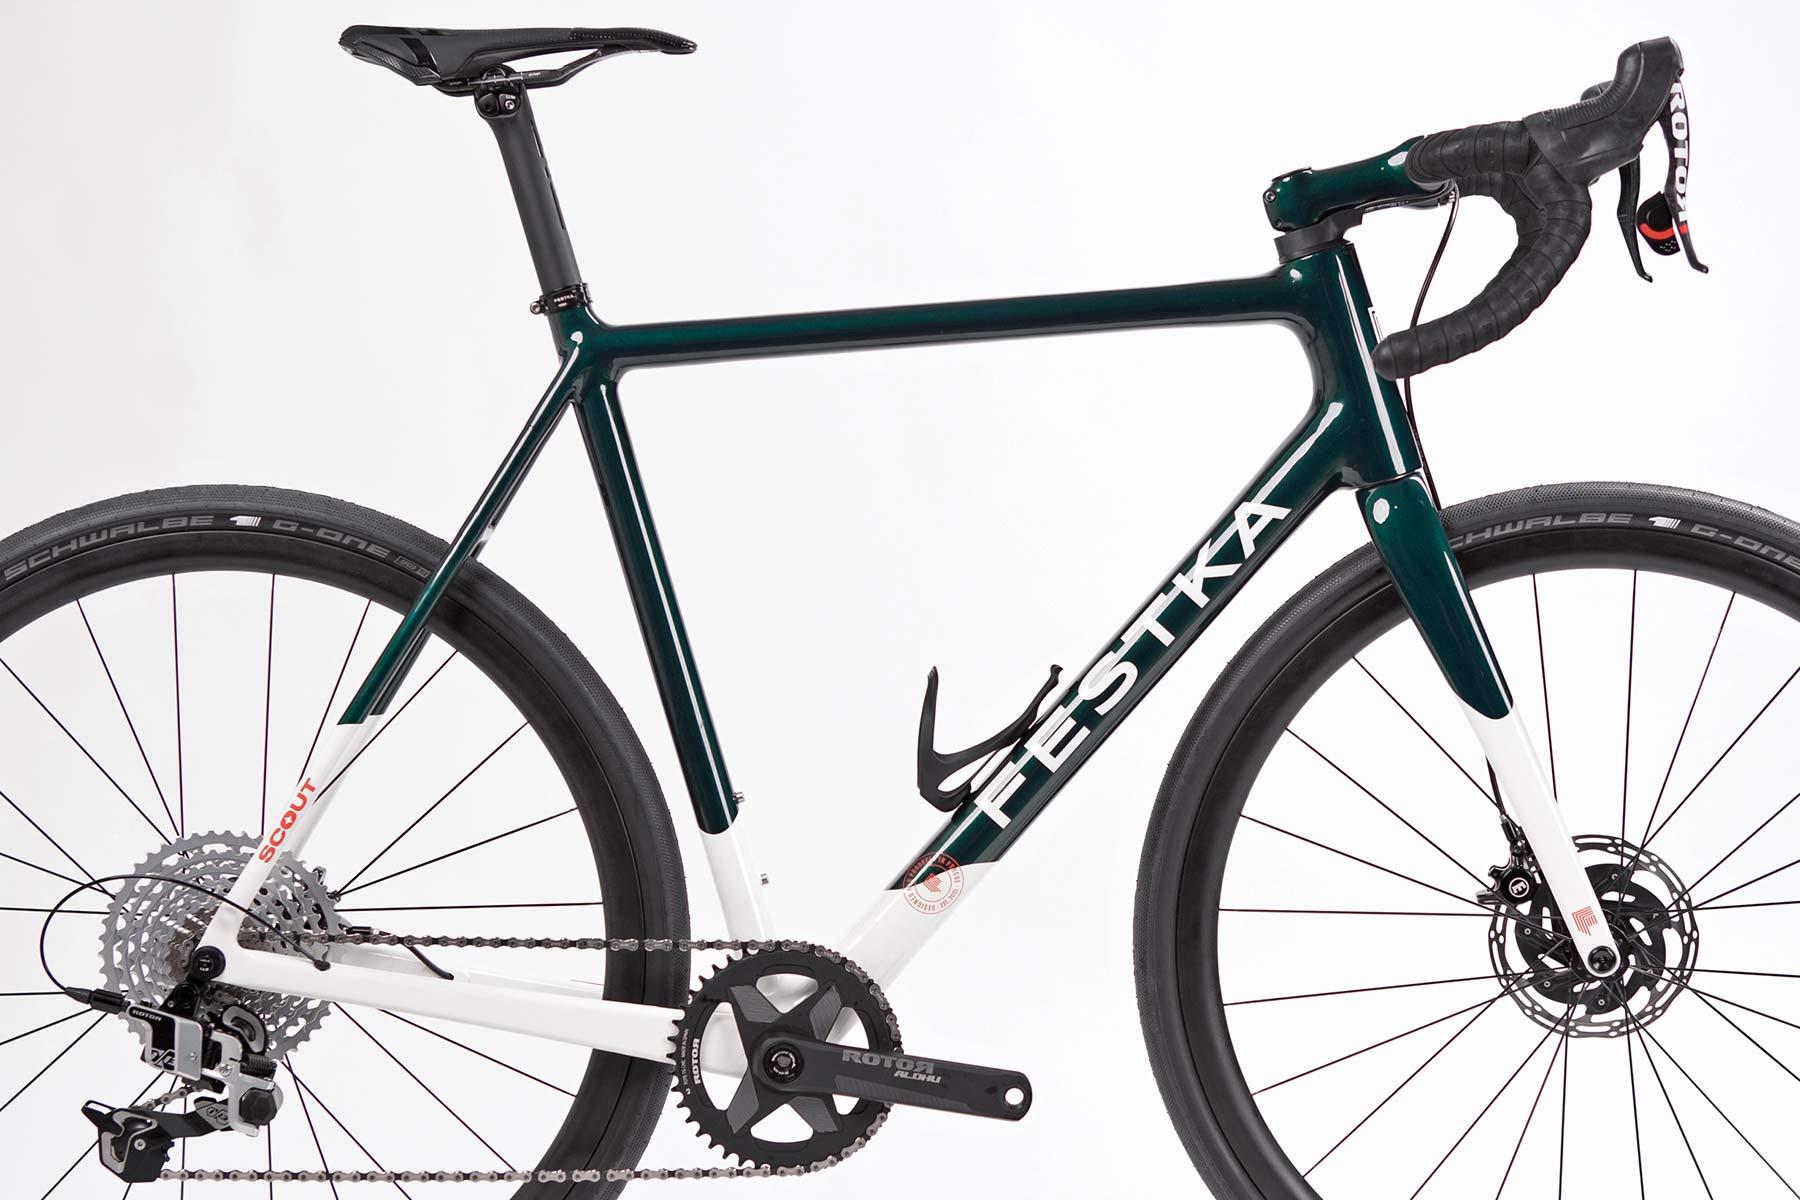 Festka Scout custom carbon adventure gravel bike,frameset detail